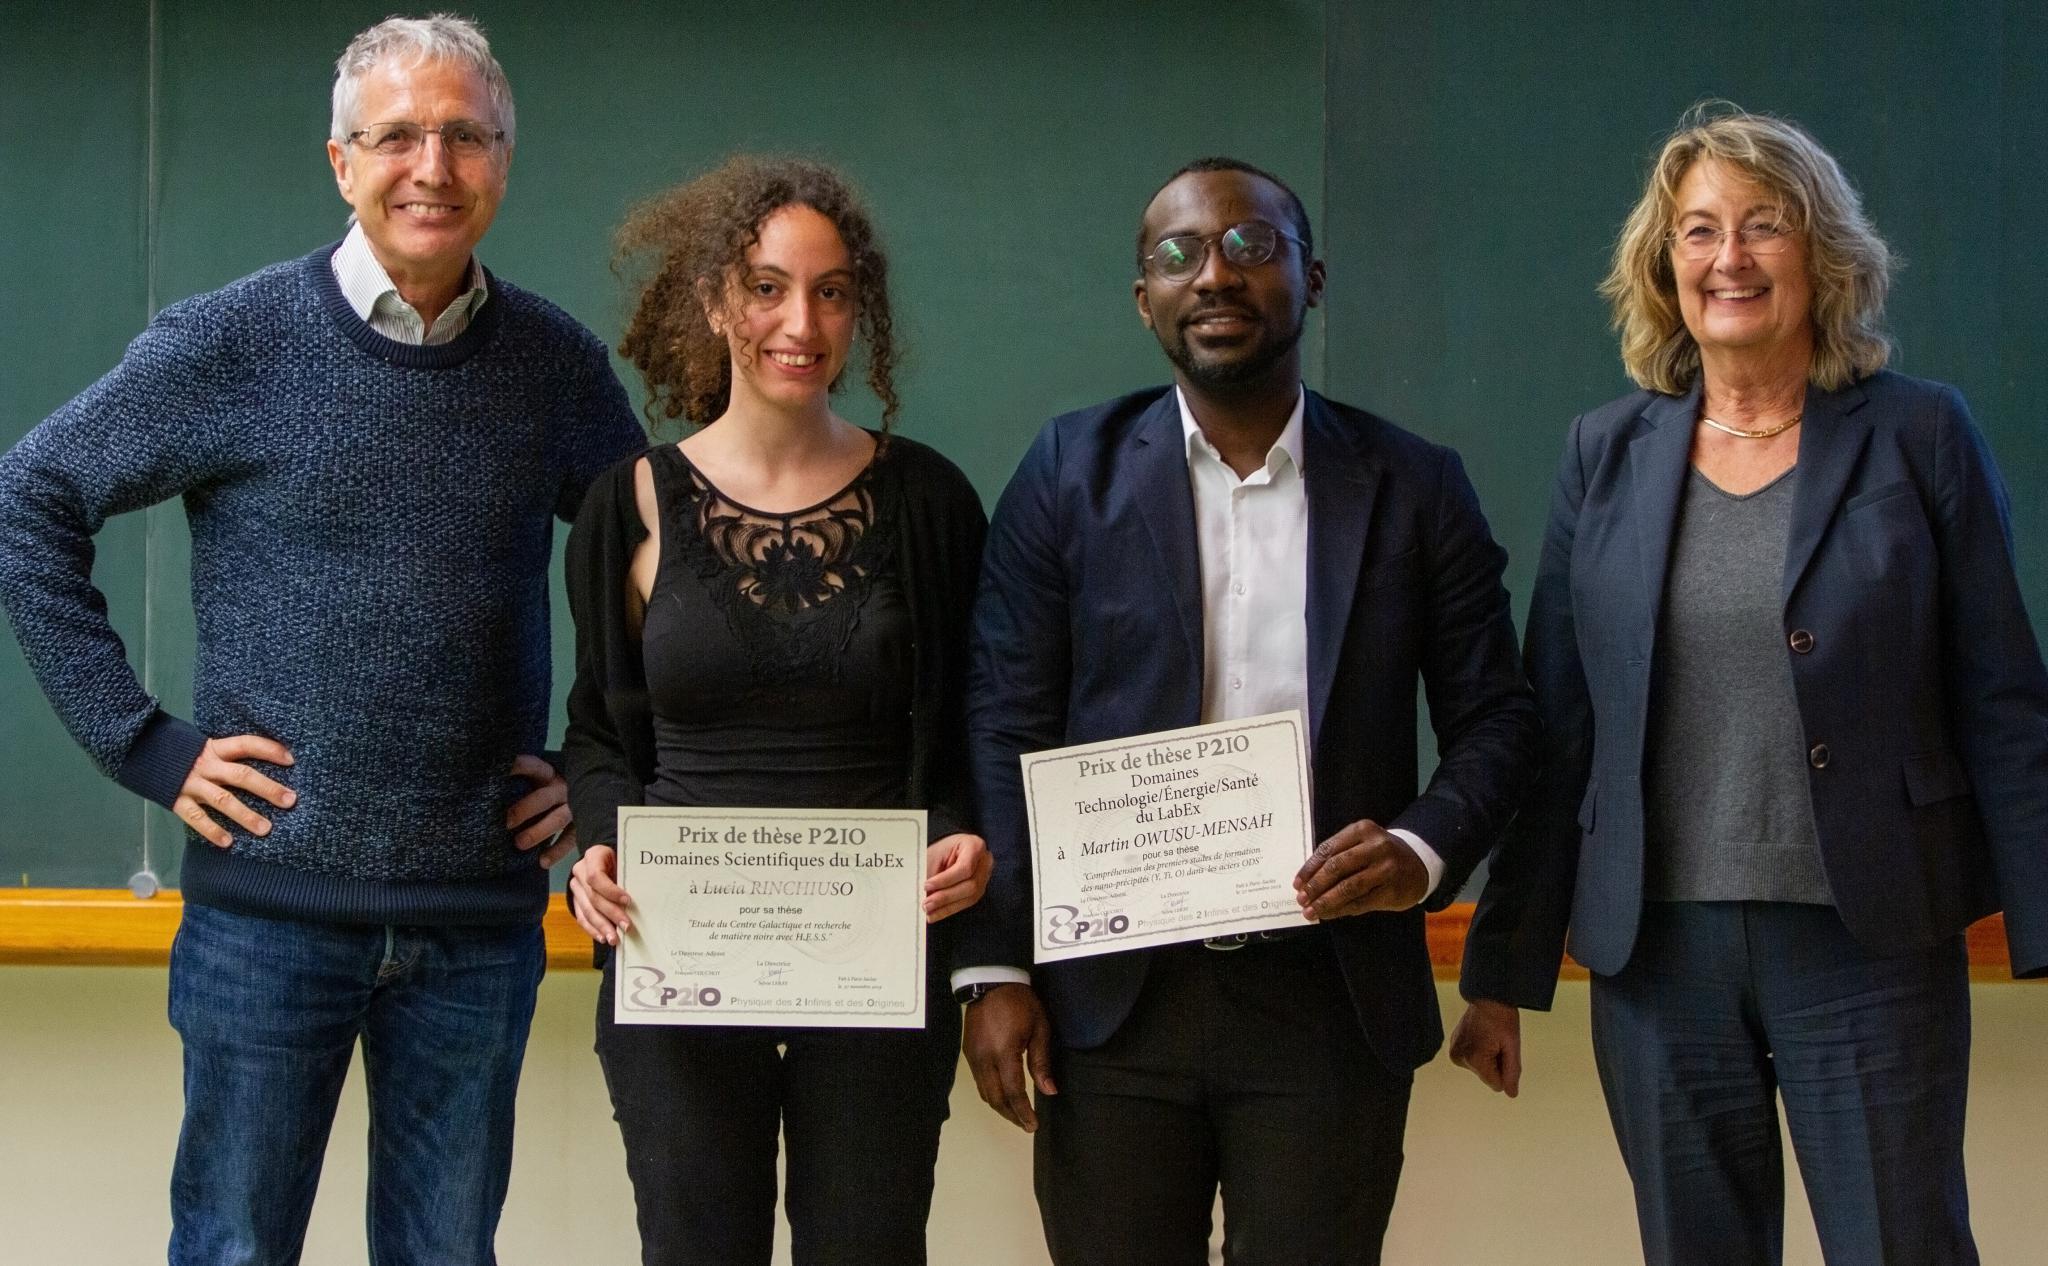 Lucia Rinchiuso et Martin Owusu-Mensah lauréats du Prix de Thèse P2IO 2019